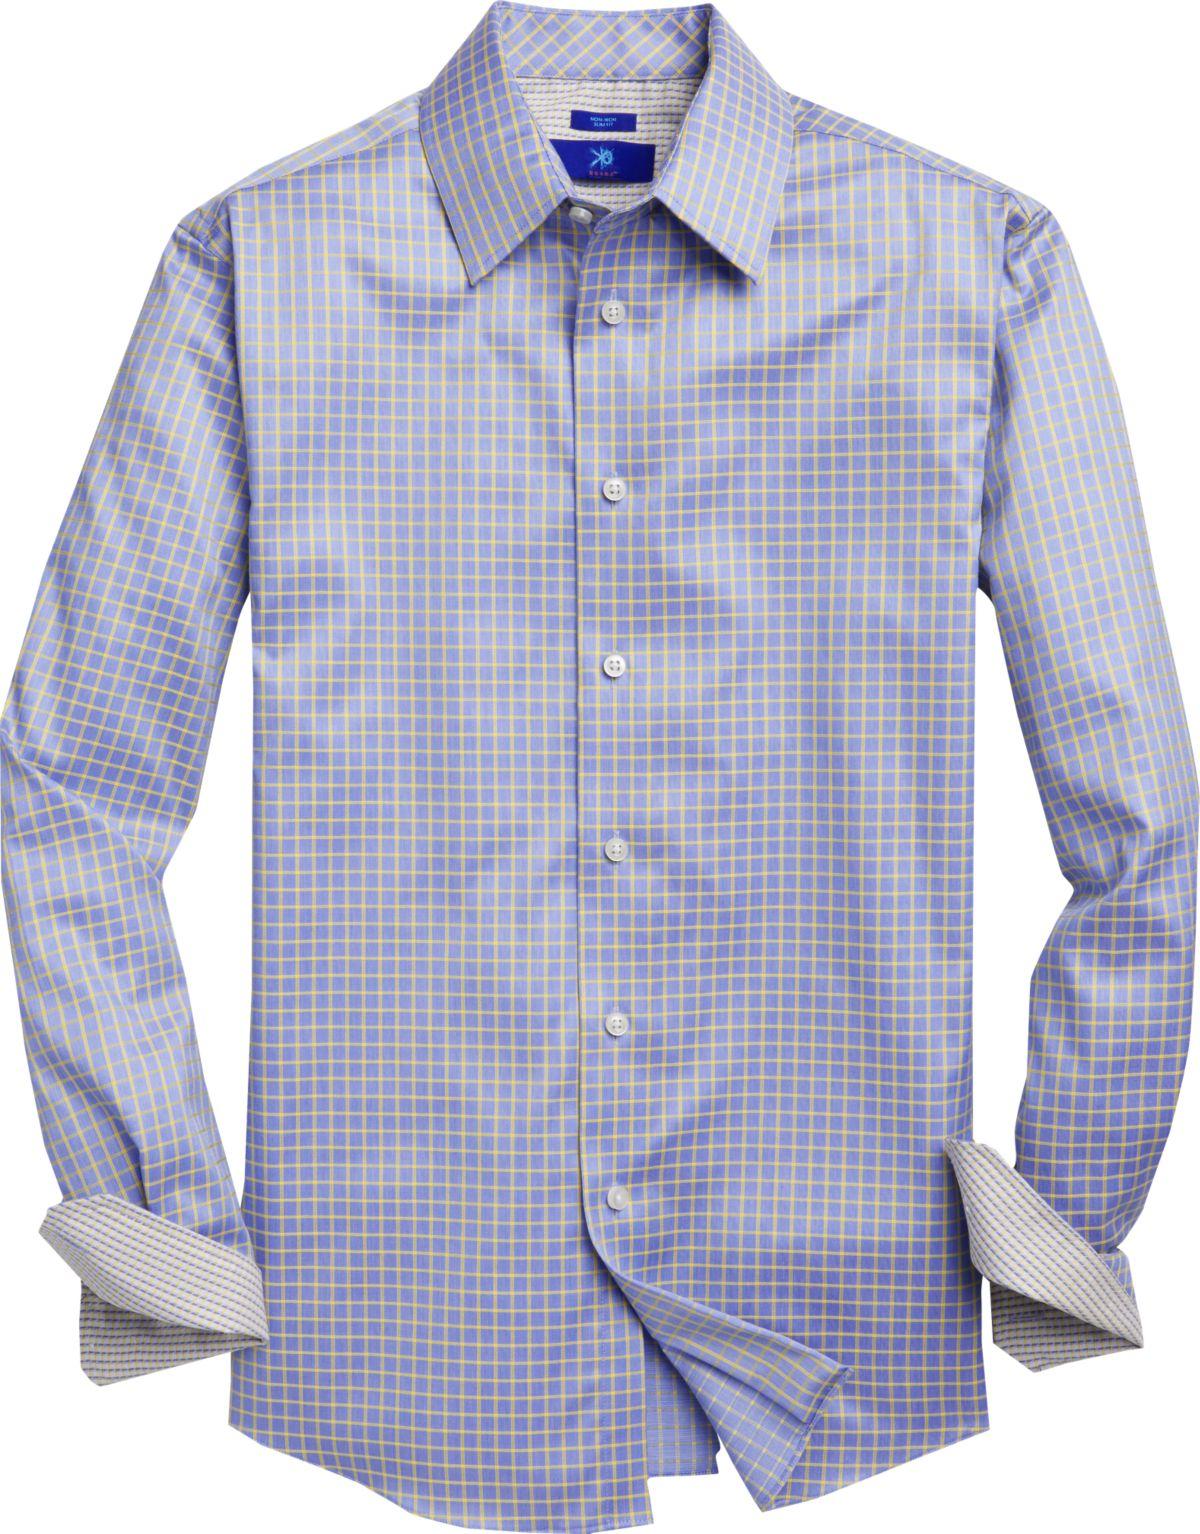 Big & Tall Men's Casual Shirts, XXL Polo Shirts   Men's Wearhouse